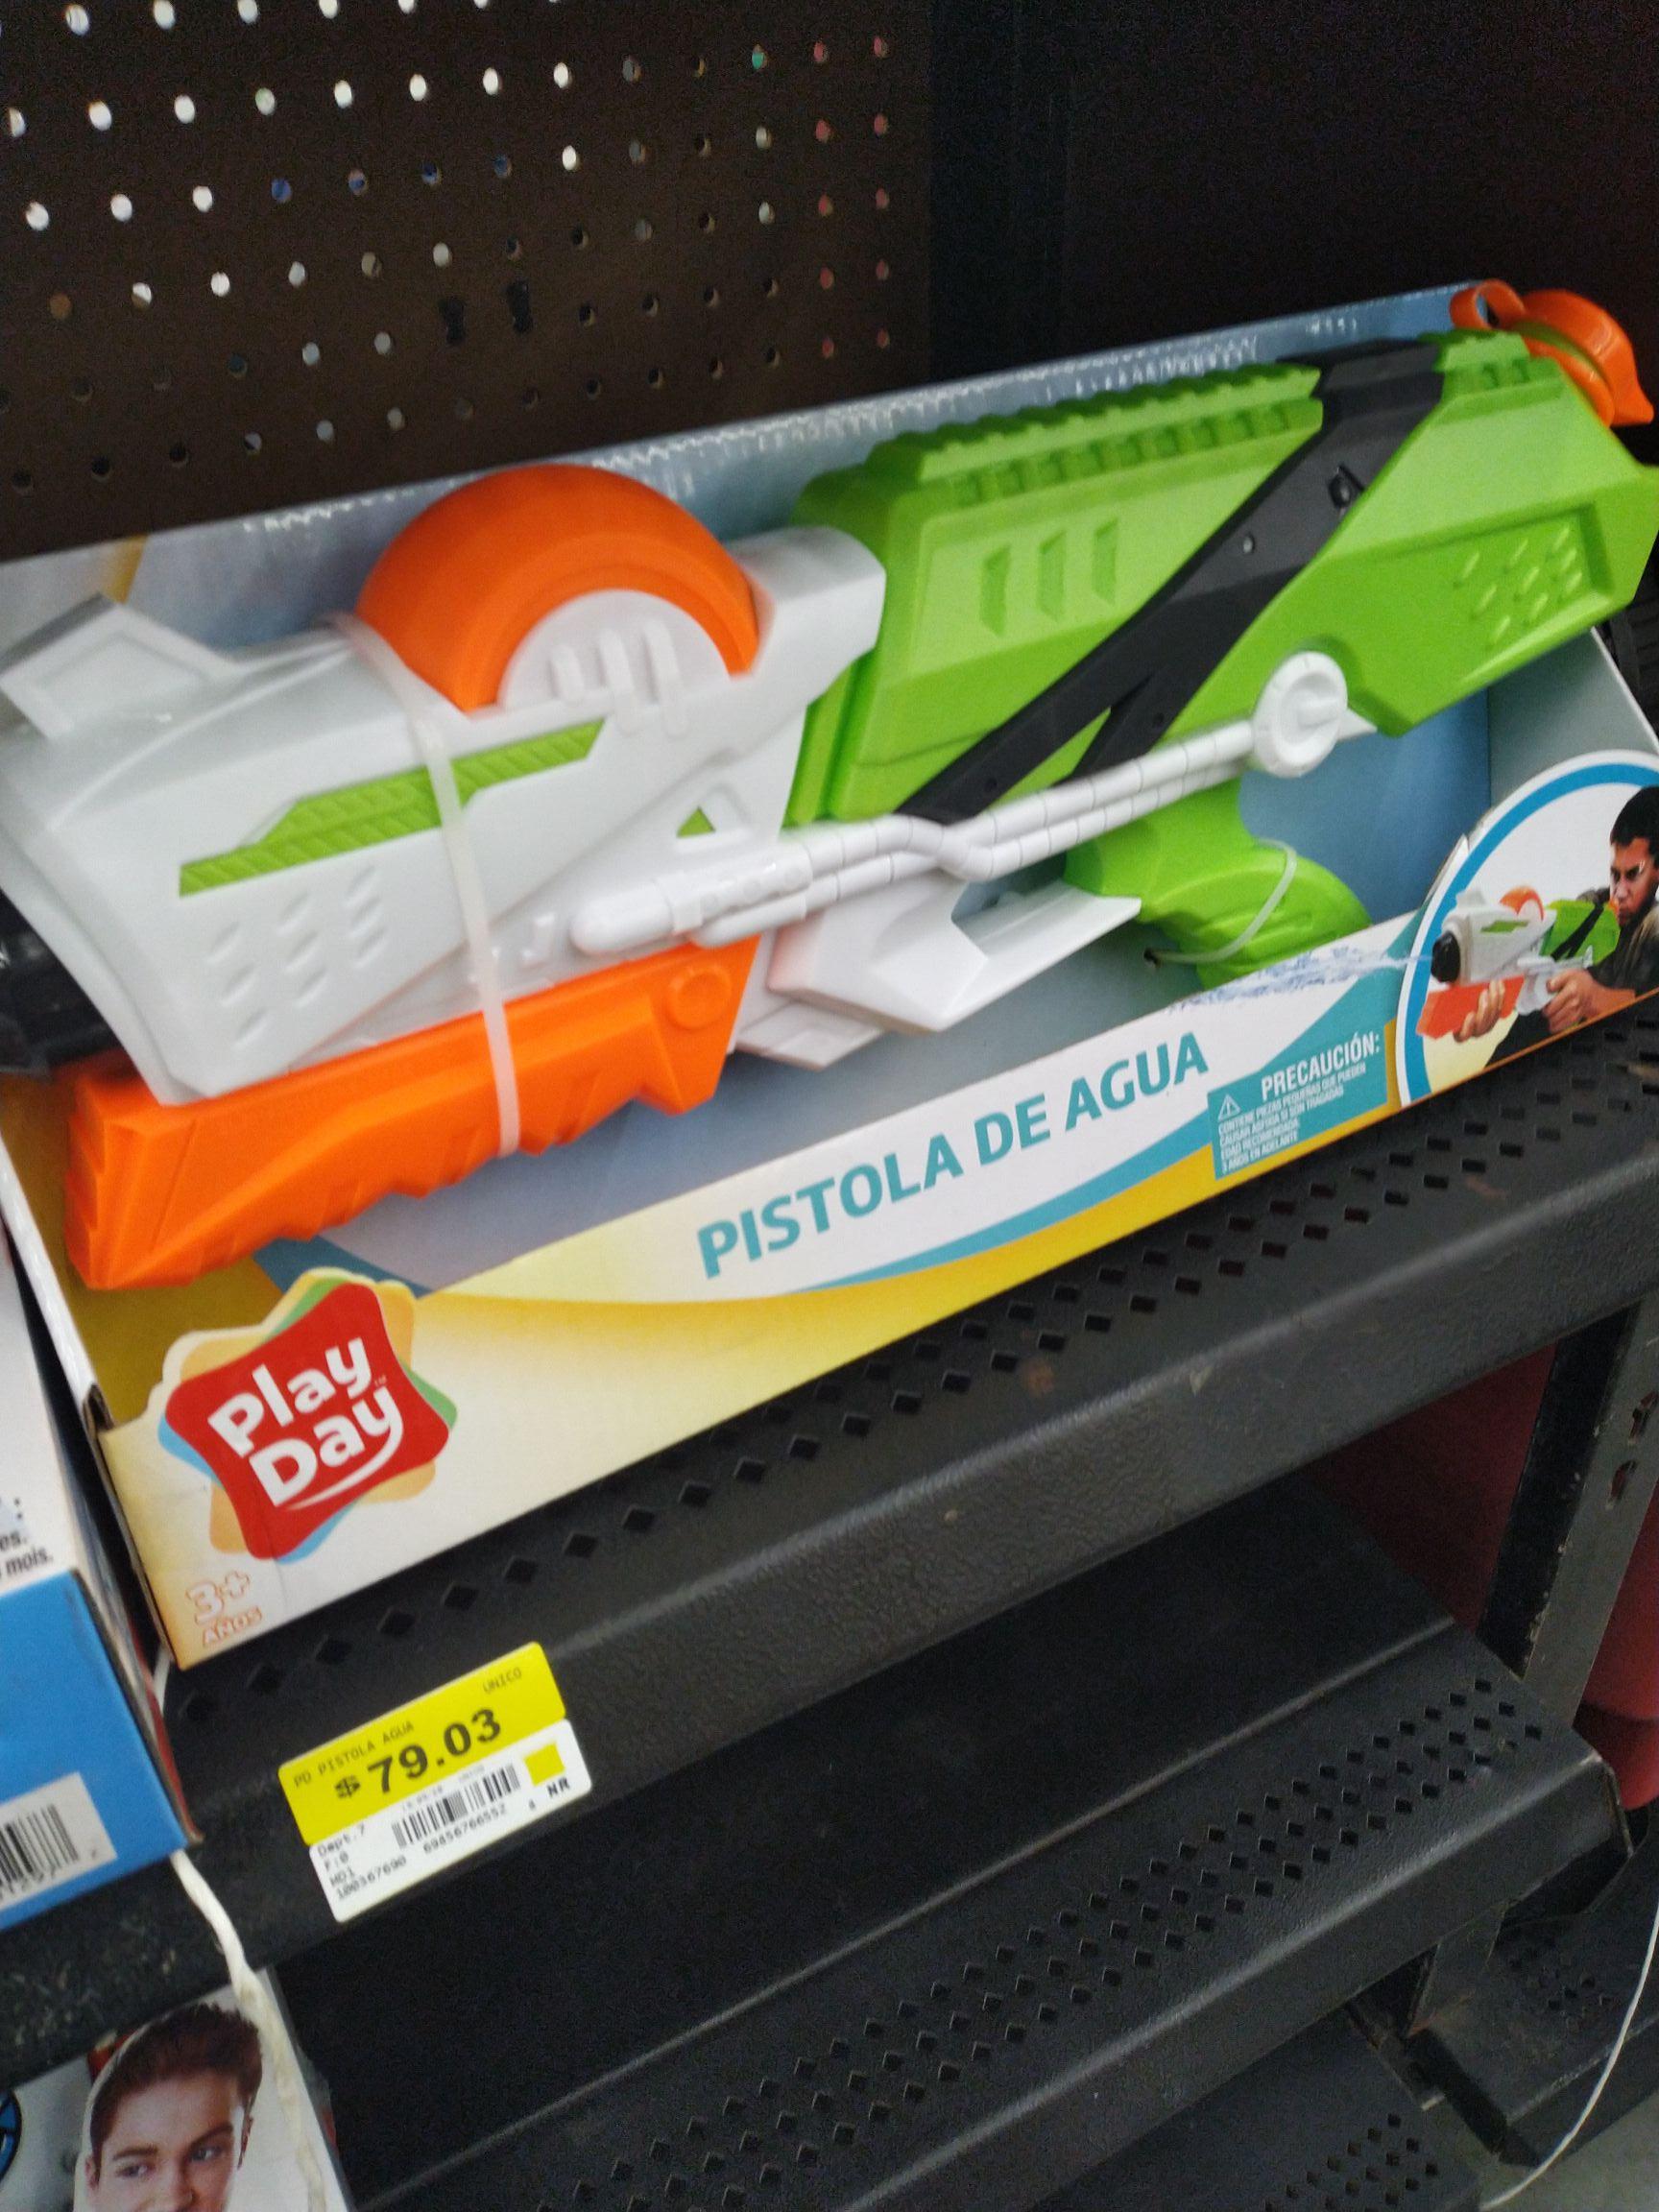 Walmart: Pistola de agua play day.